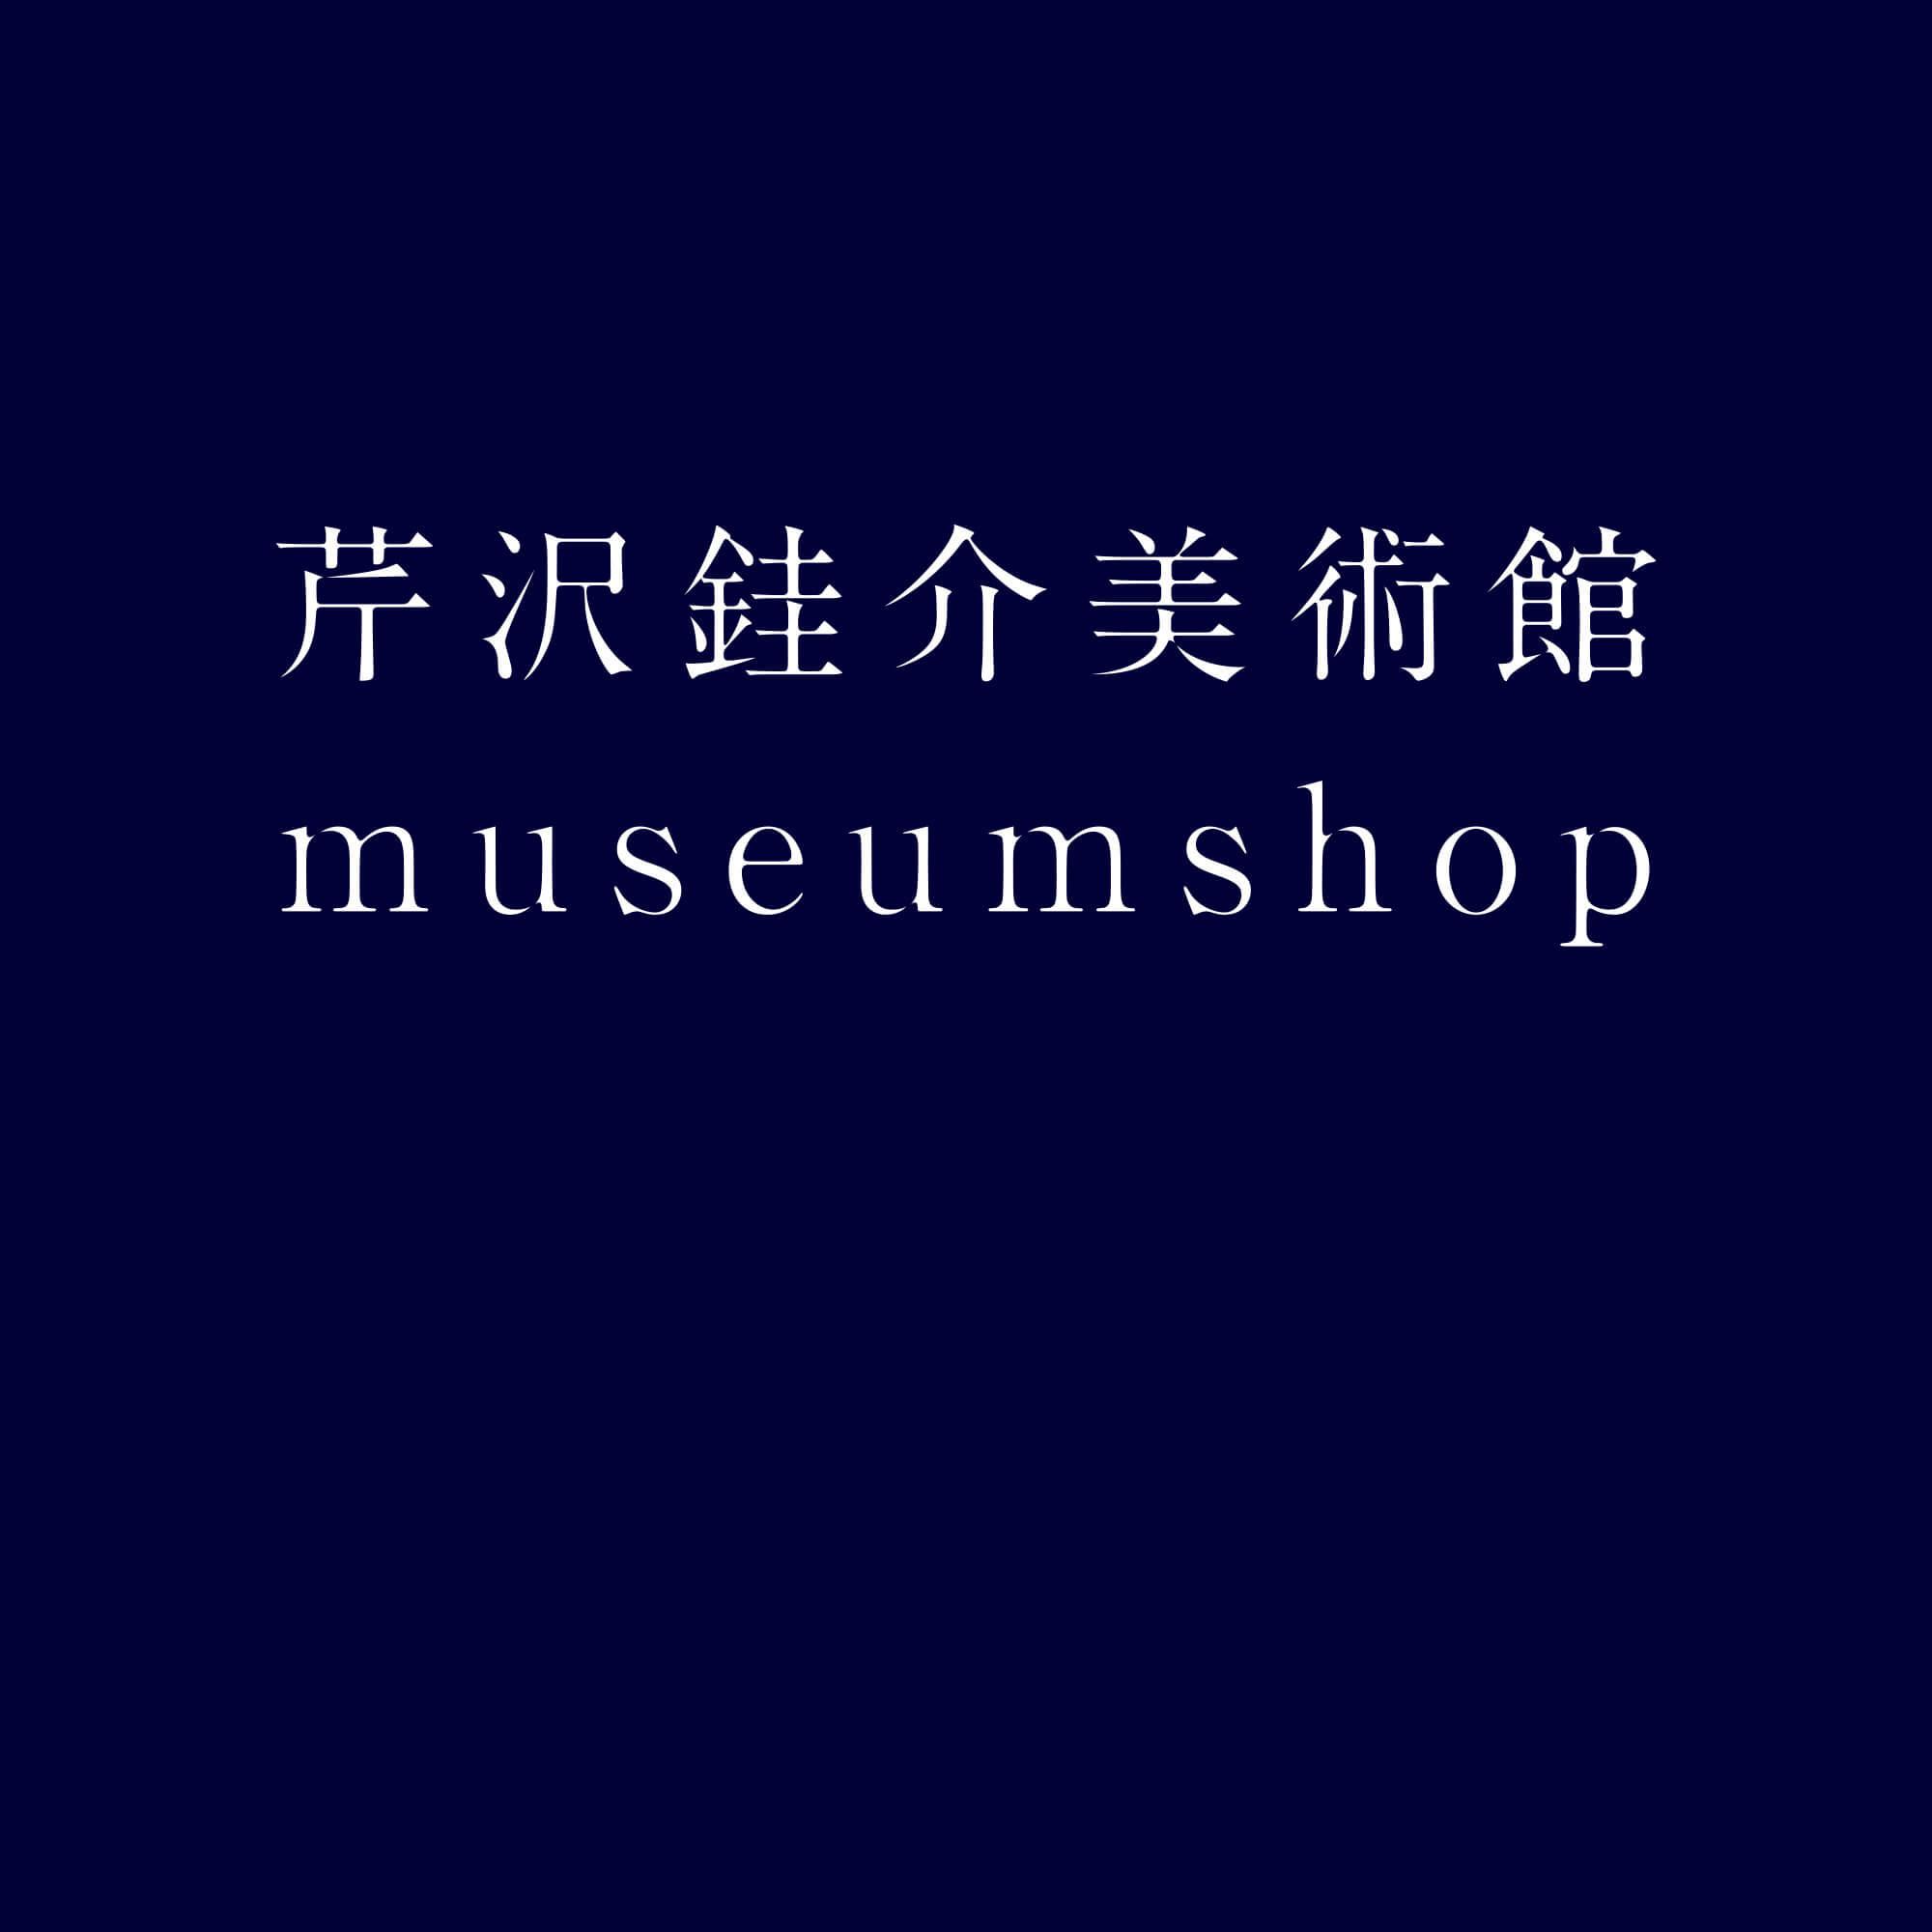 芹沢銈介美術館 museumshop